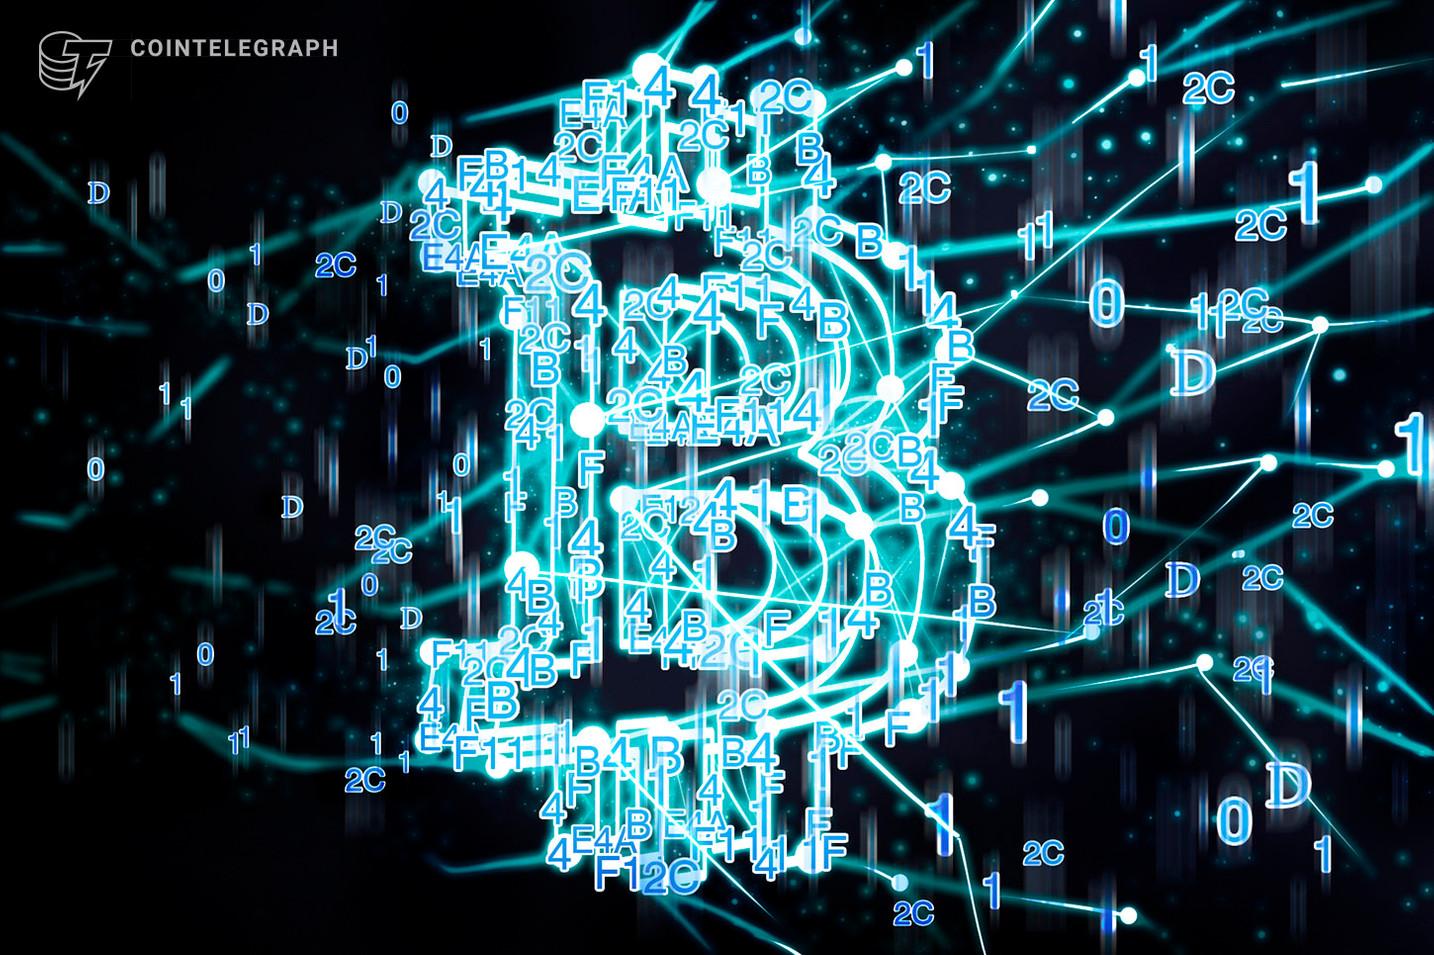 Negociantes de Bitcoin dividem as chances de $ 40, já que as altcoins visam ganhos potenciais de '80 -150% '